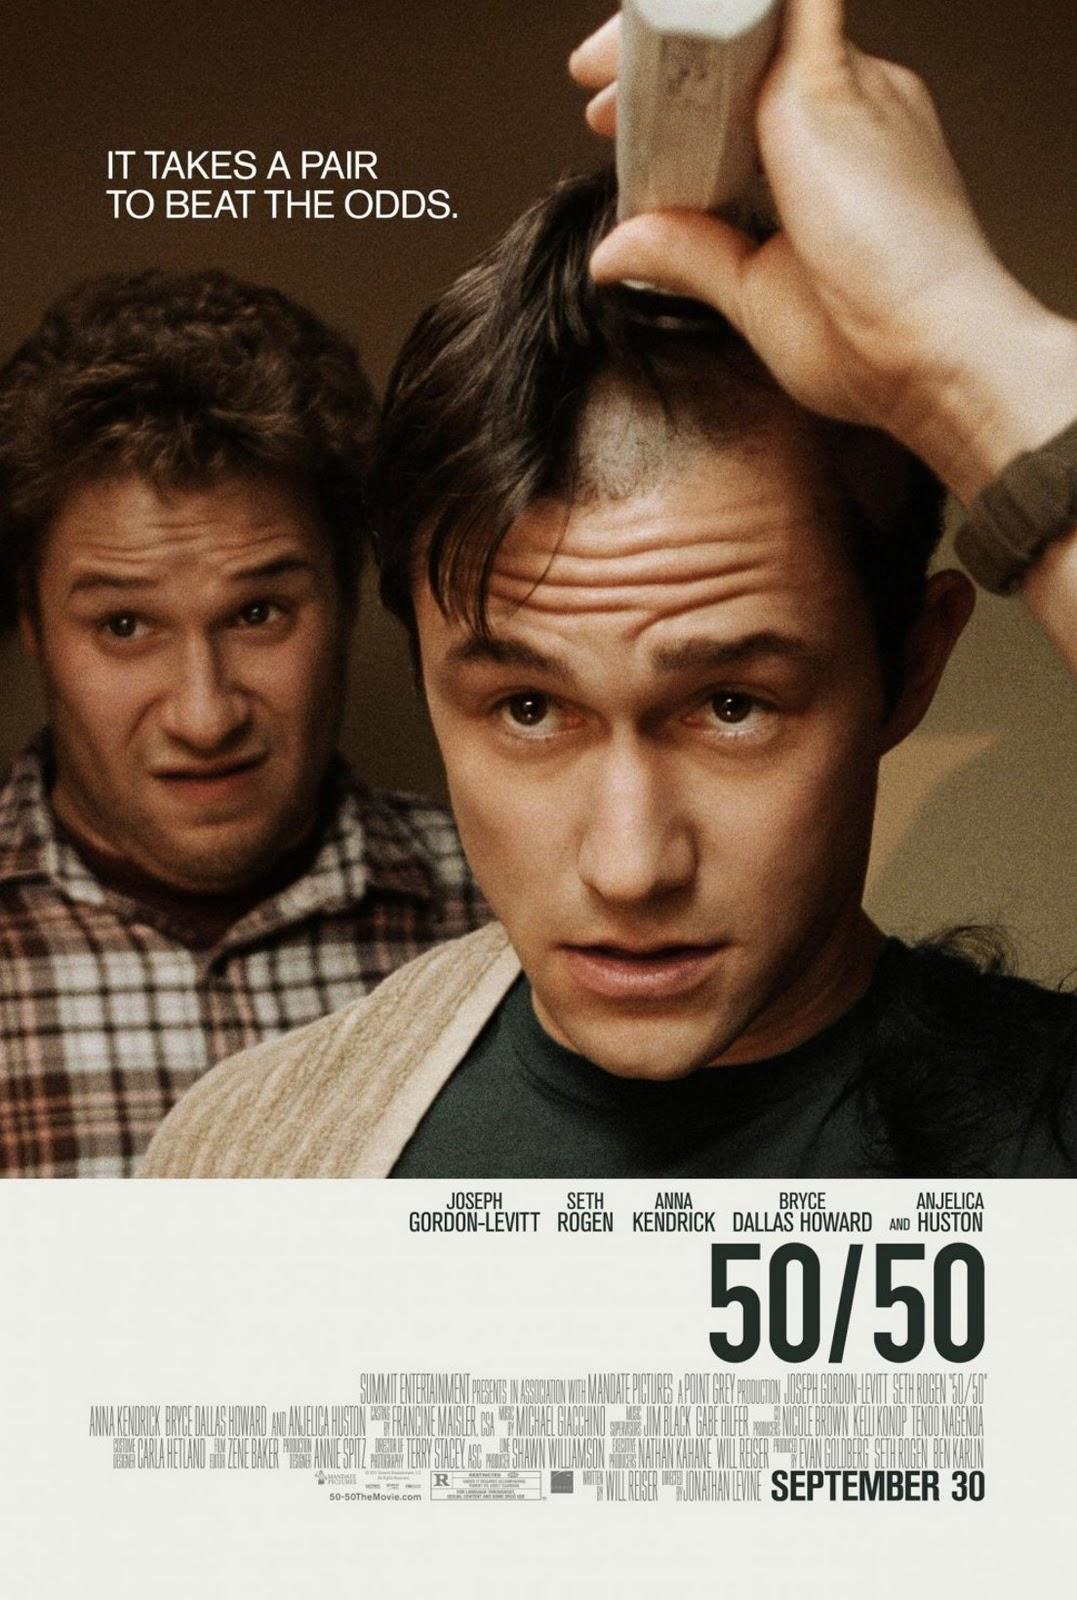 http://3.bp.blogspot.com/-6VAqPRW_pT0/ToZ5PPGf9aI/AAAAAAAABGY/CTygUZazY_I/s1600/50-50+Movie+Review.jpg